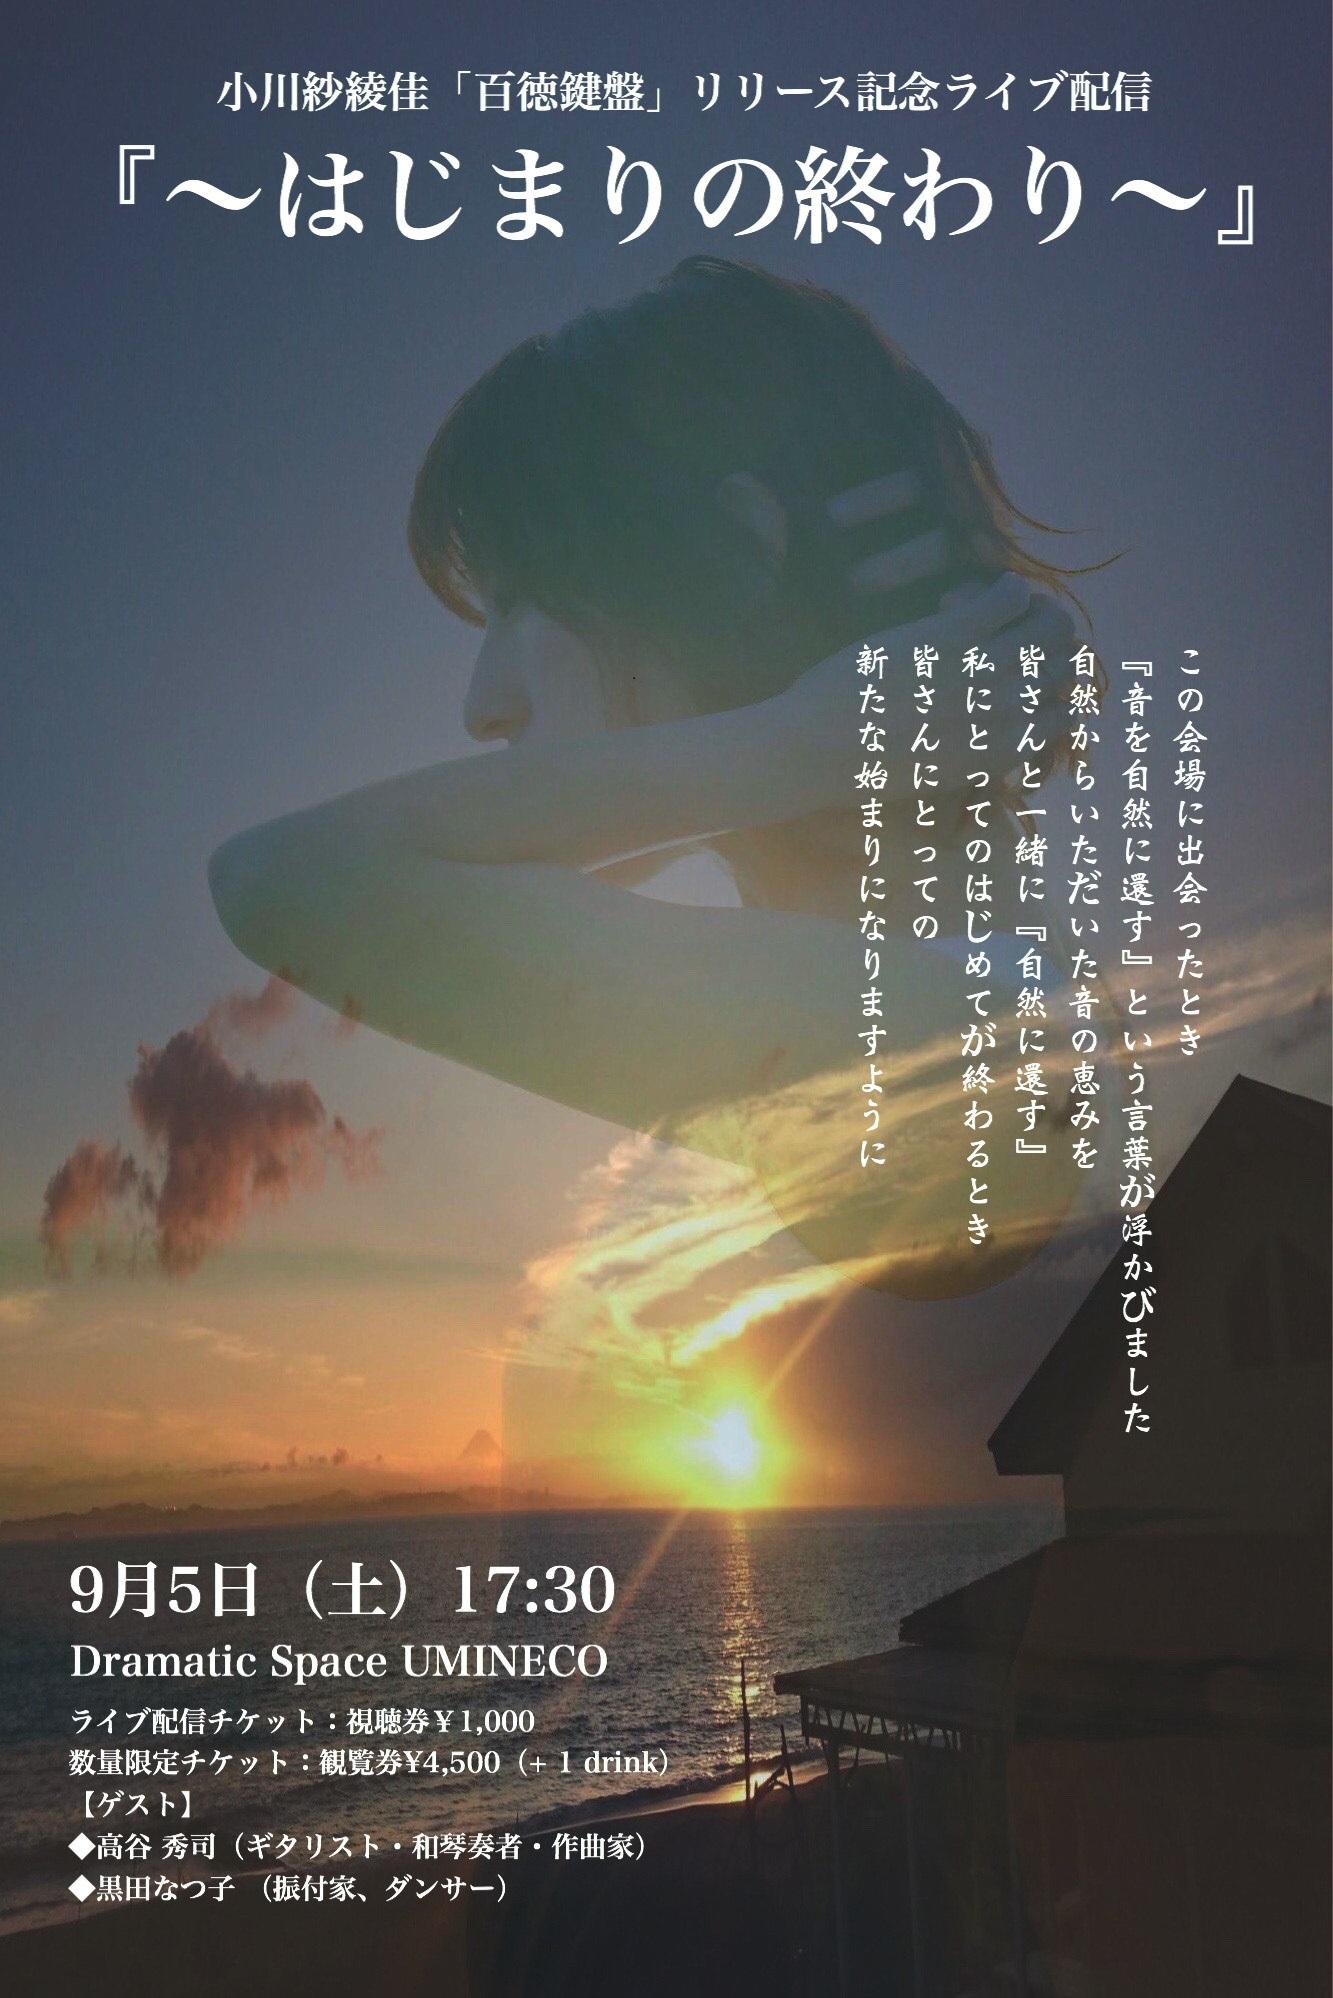 ~はじまりの終わり~ 小川紗綾佳「百徳鍵盤」リリース記念ライブ配信